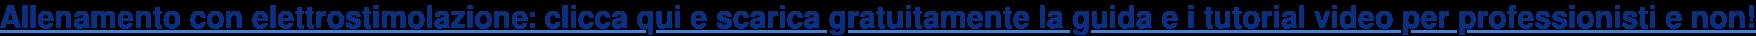 Allenamento con elettrostimolazione: clicca qui e scarica gratuitamente la  guida e i tutorial video per professionisti e non!